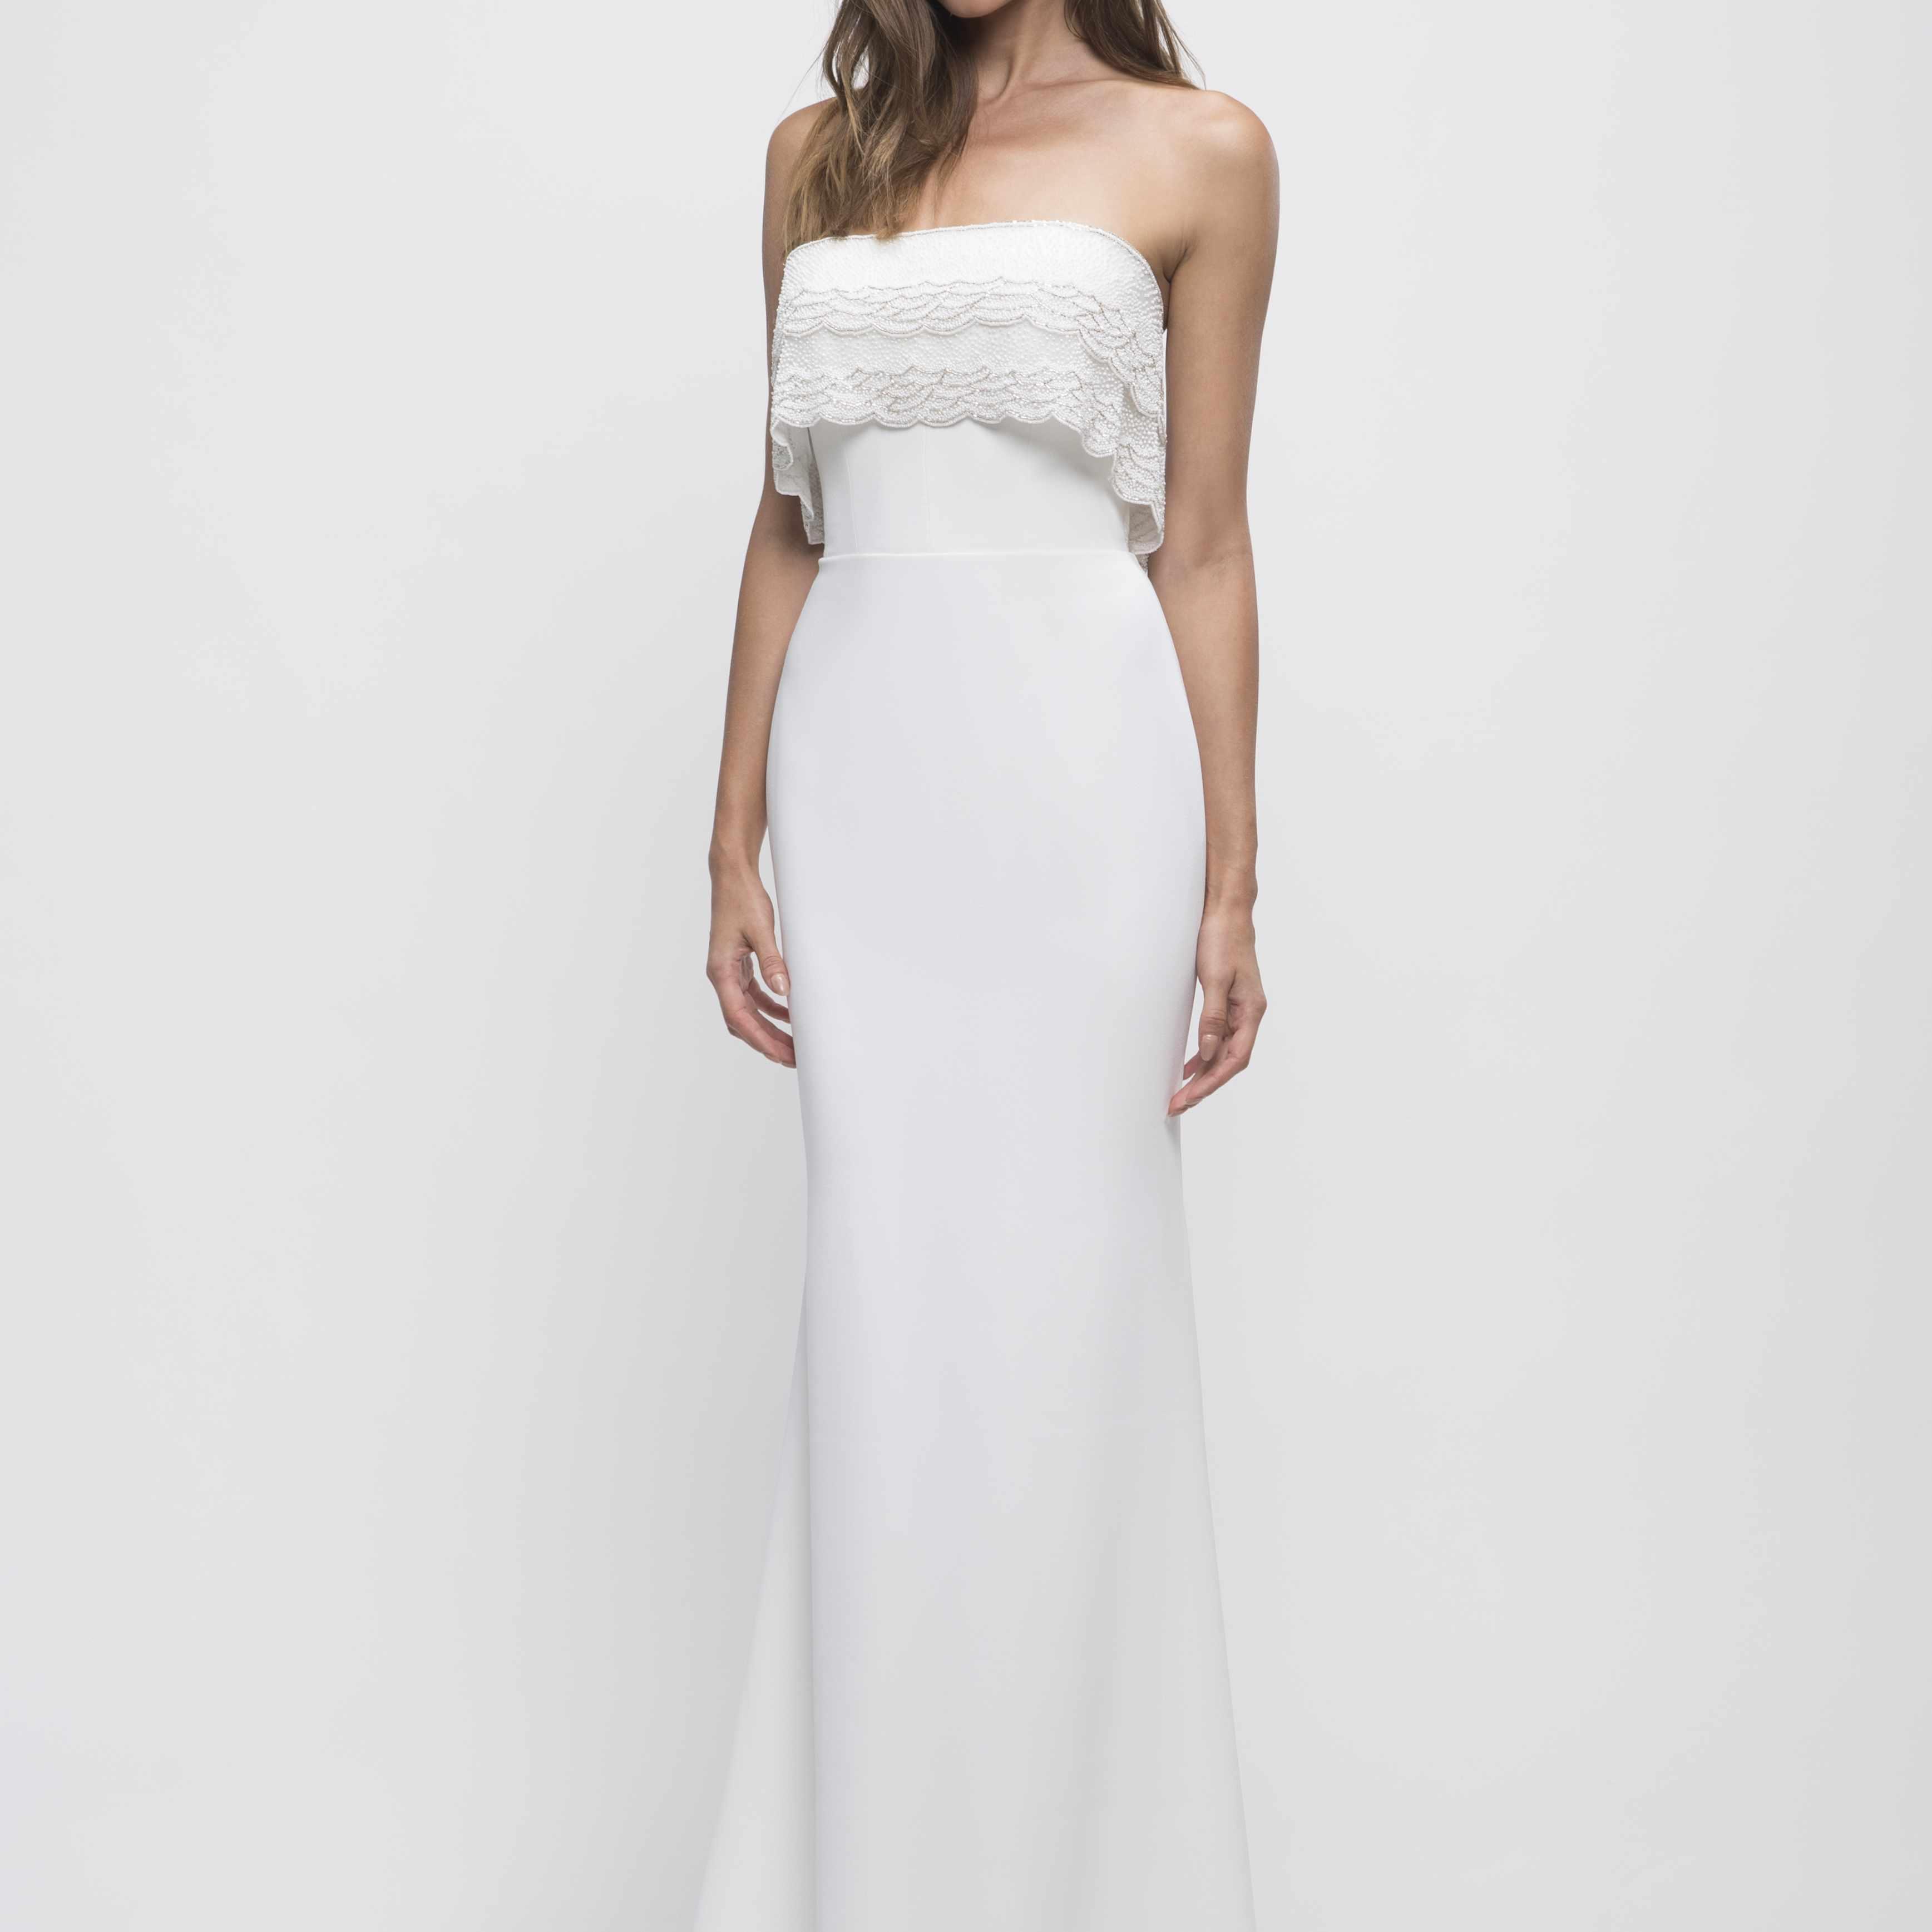 Saryne strapless wedding dress